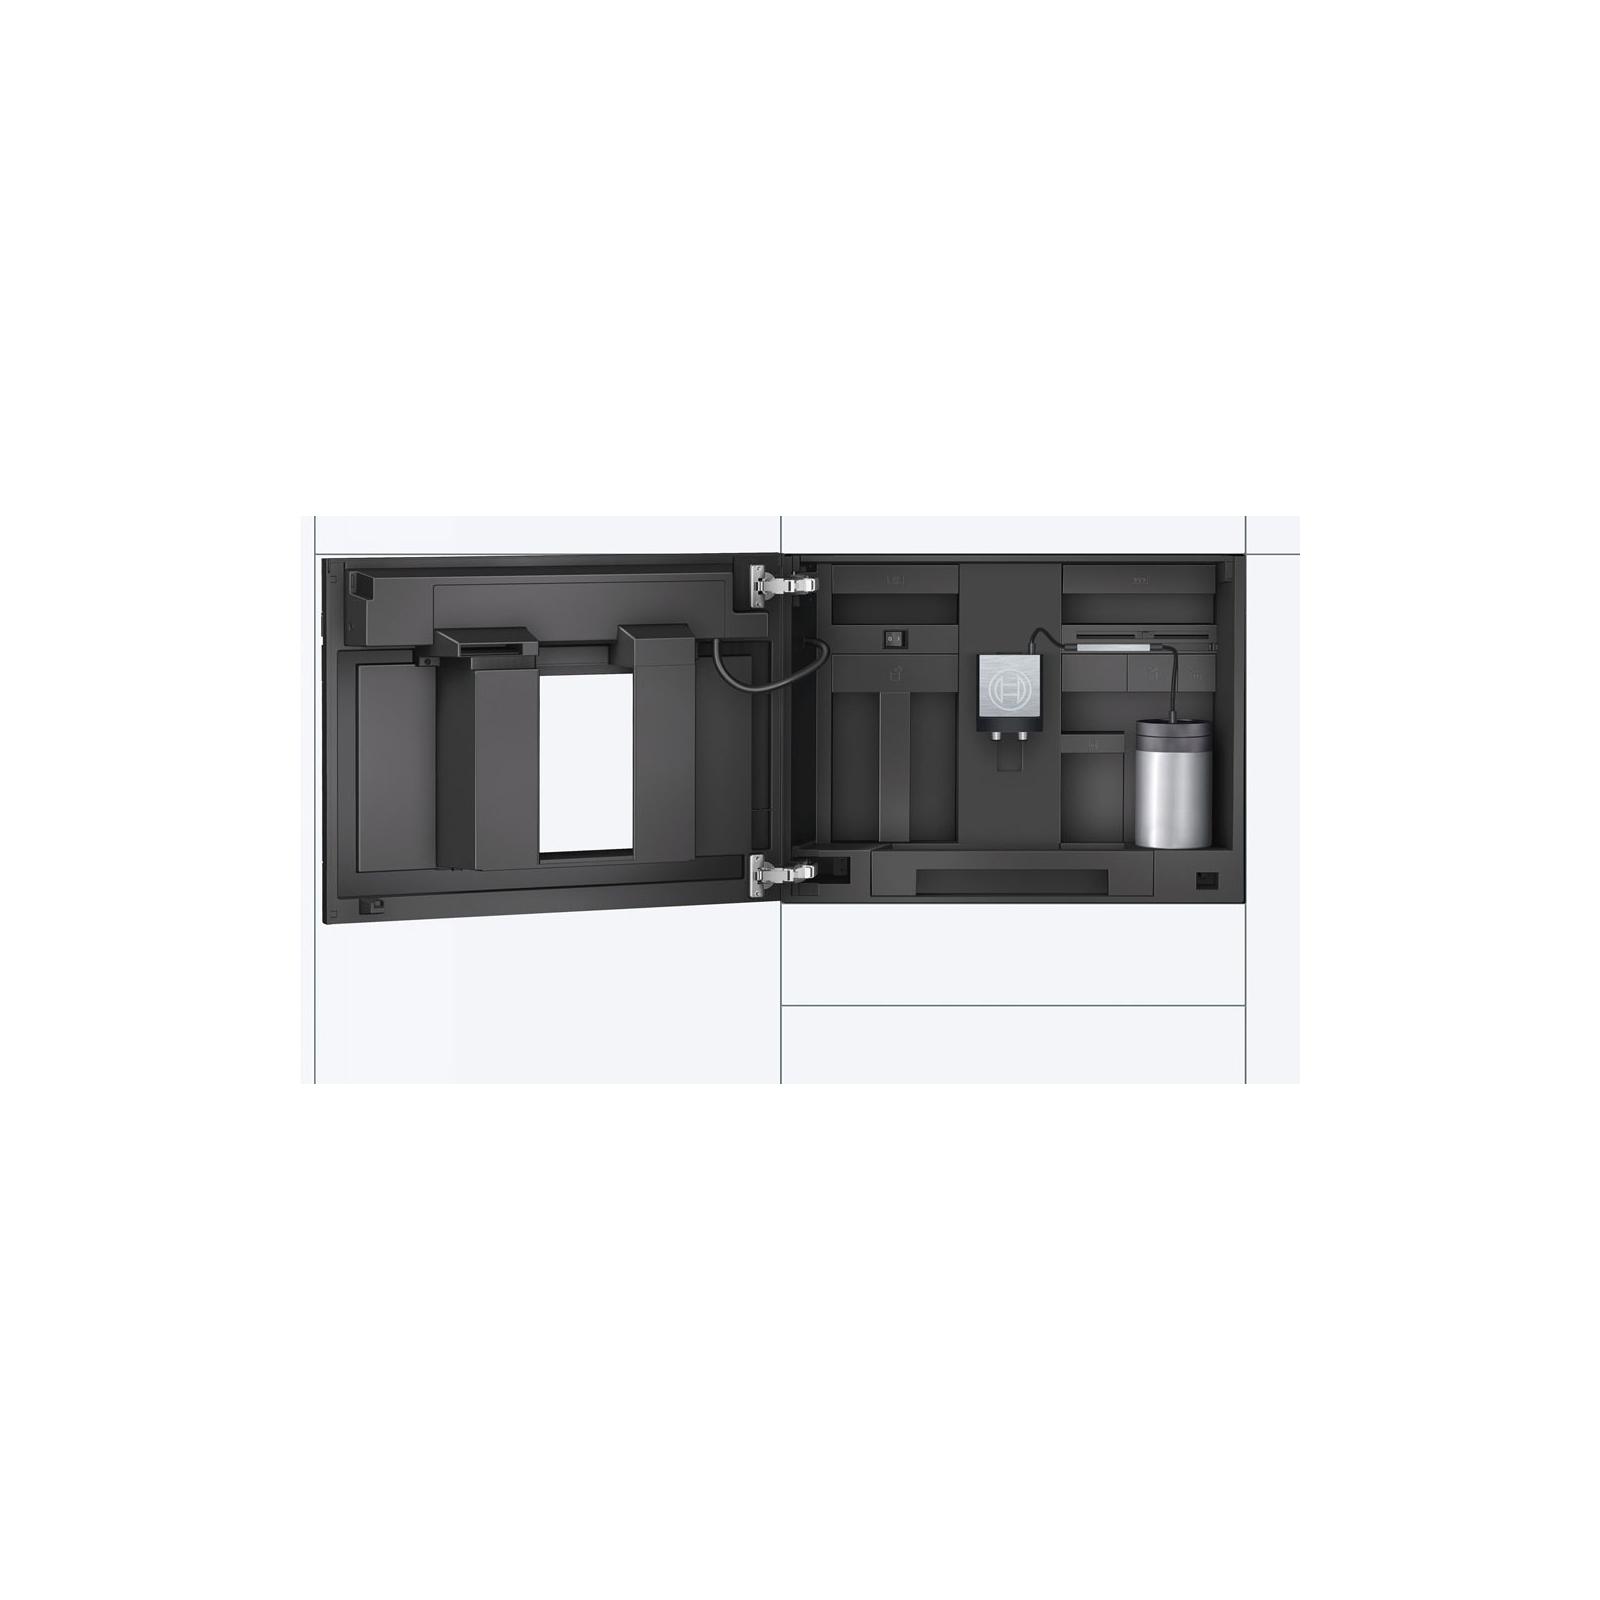 Кофеварка BOSCH CTL 636 ES1 (CTL636ES1) изображение 3